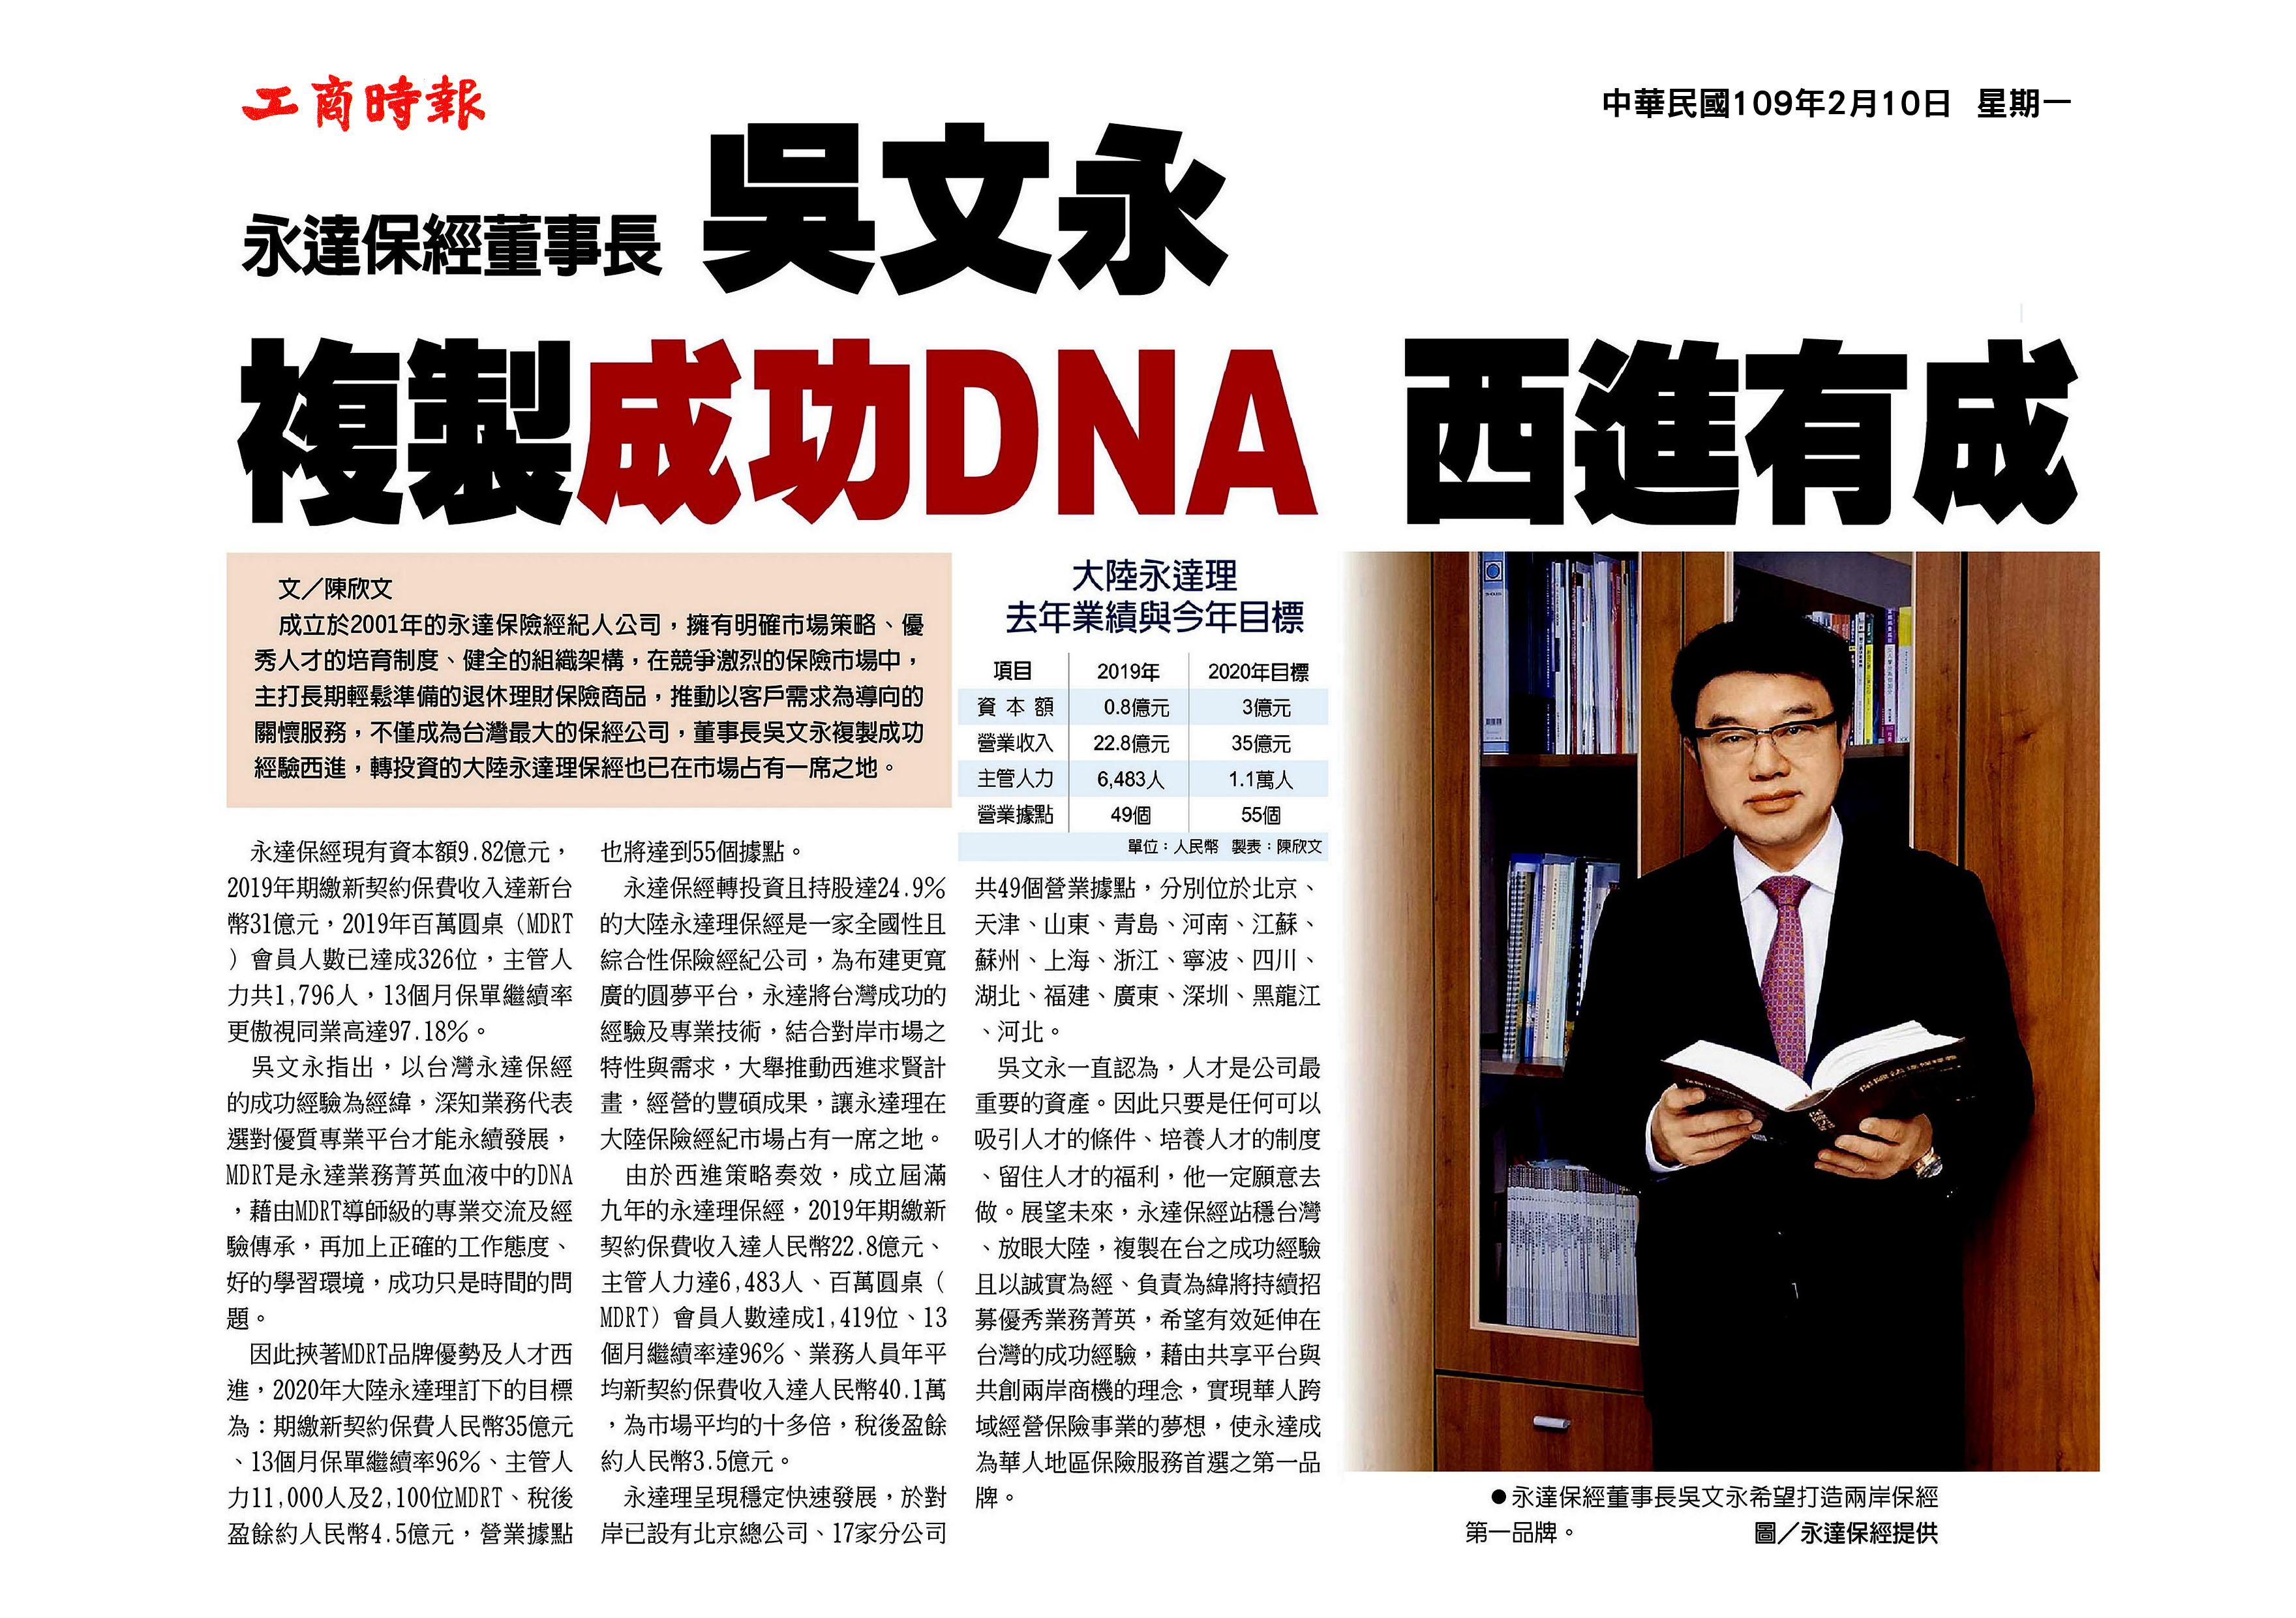 永達保經董事長吳文永 複製成功DNA 西進有成 報導圖檔